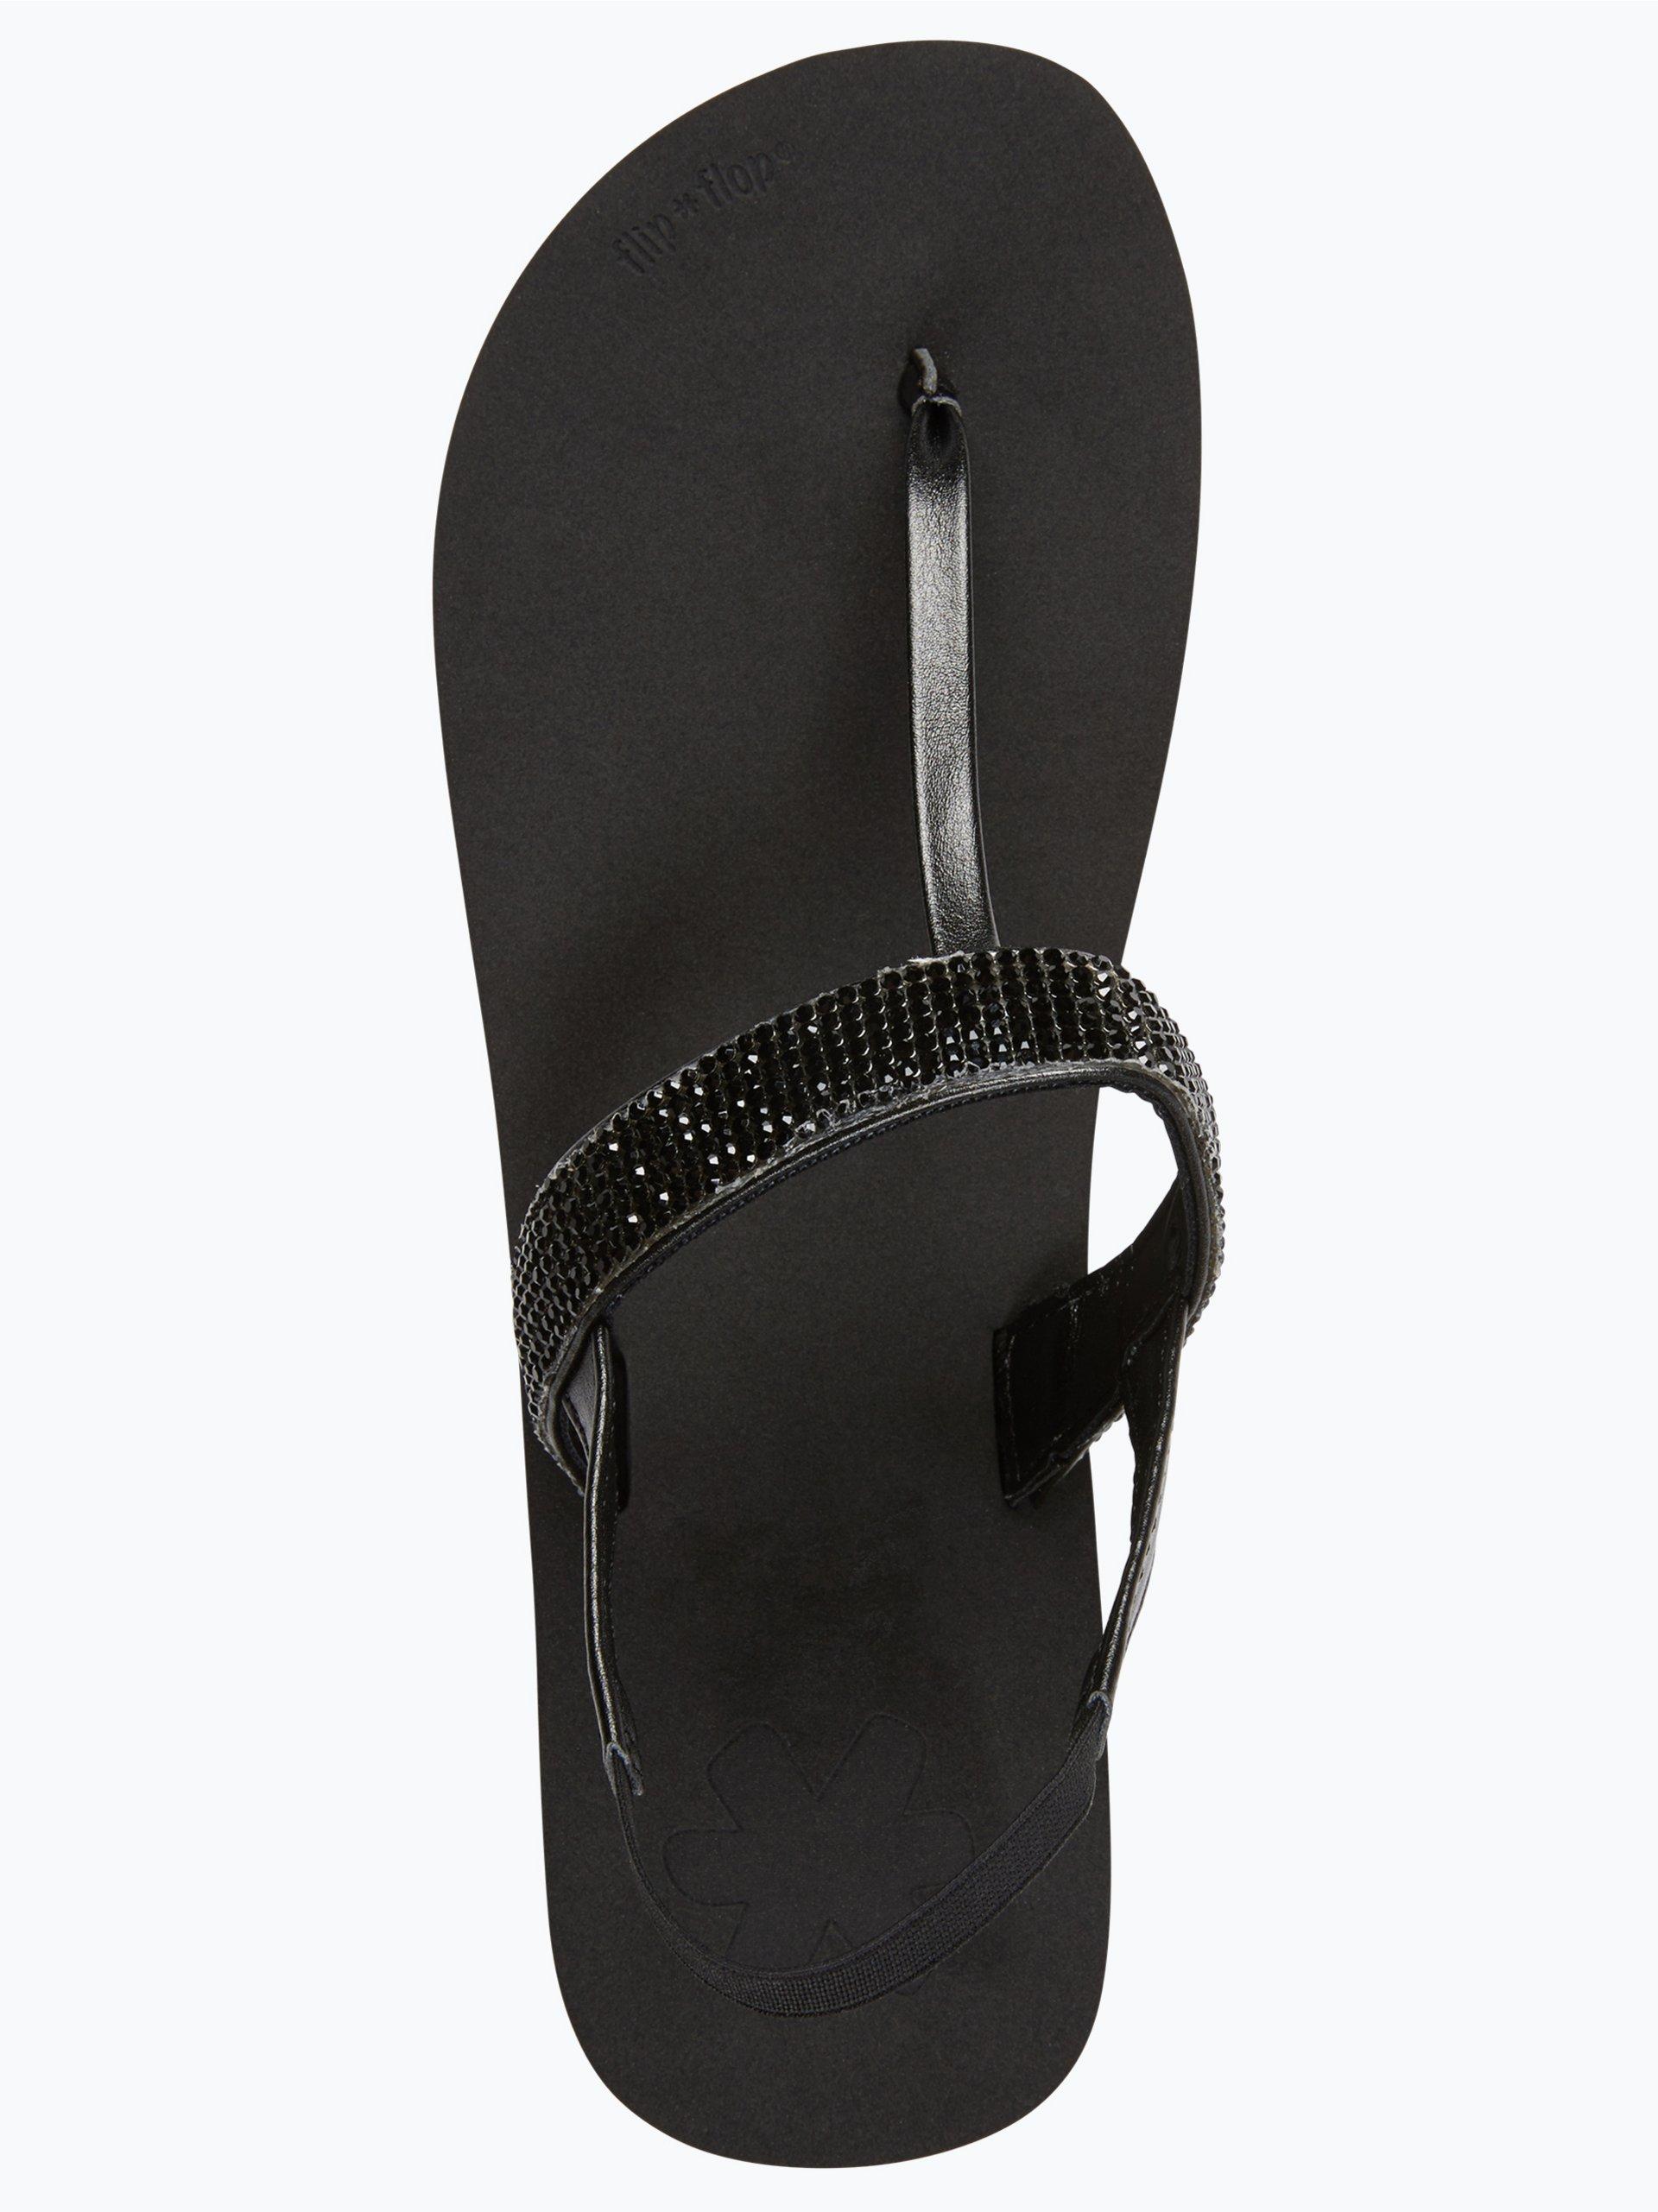 flip flop damen sandalen schwarz uni online kaufen vangraaf com. Black Bedroom Furniture Sets. Home Design Ideas